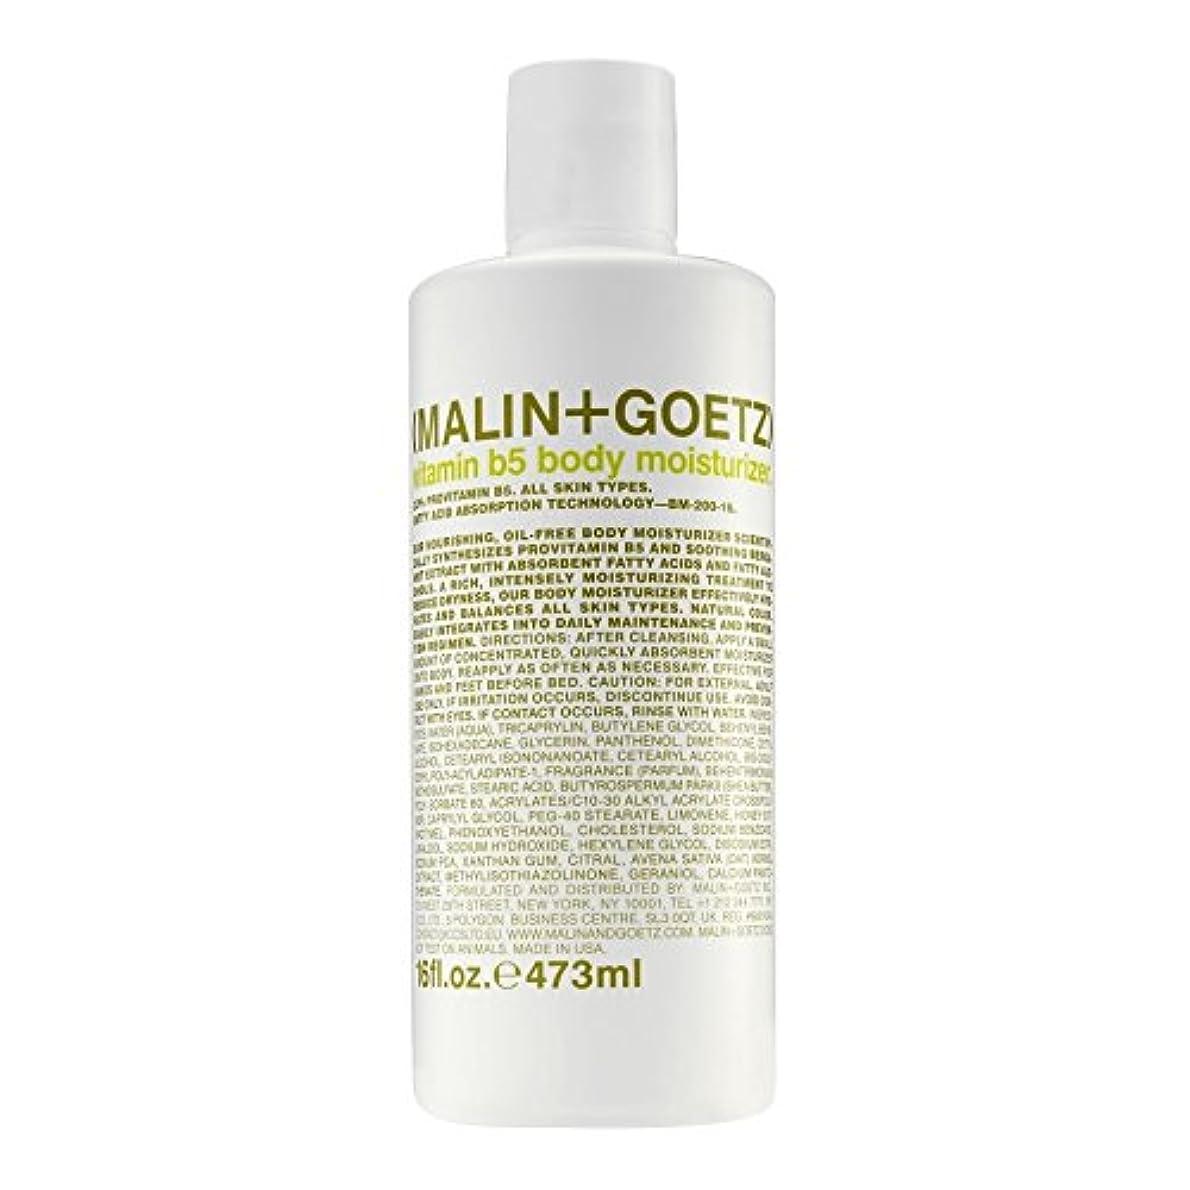 文献おとなしいキャベツマリン+ゲッツビタミン5ボディモイスチャライザーの473ミリリットル x4 - MALIN+GOETZ Vitamin B5 Body Moisturiser 473ml (Pack of 4) [並行輸入品]